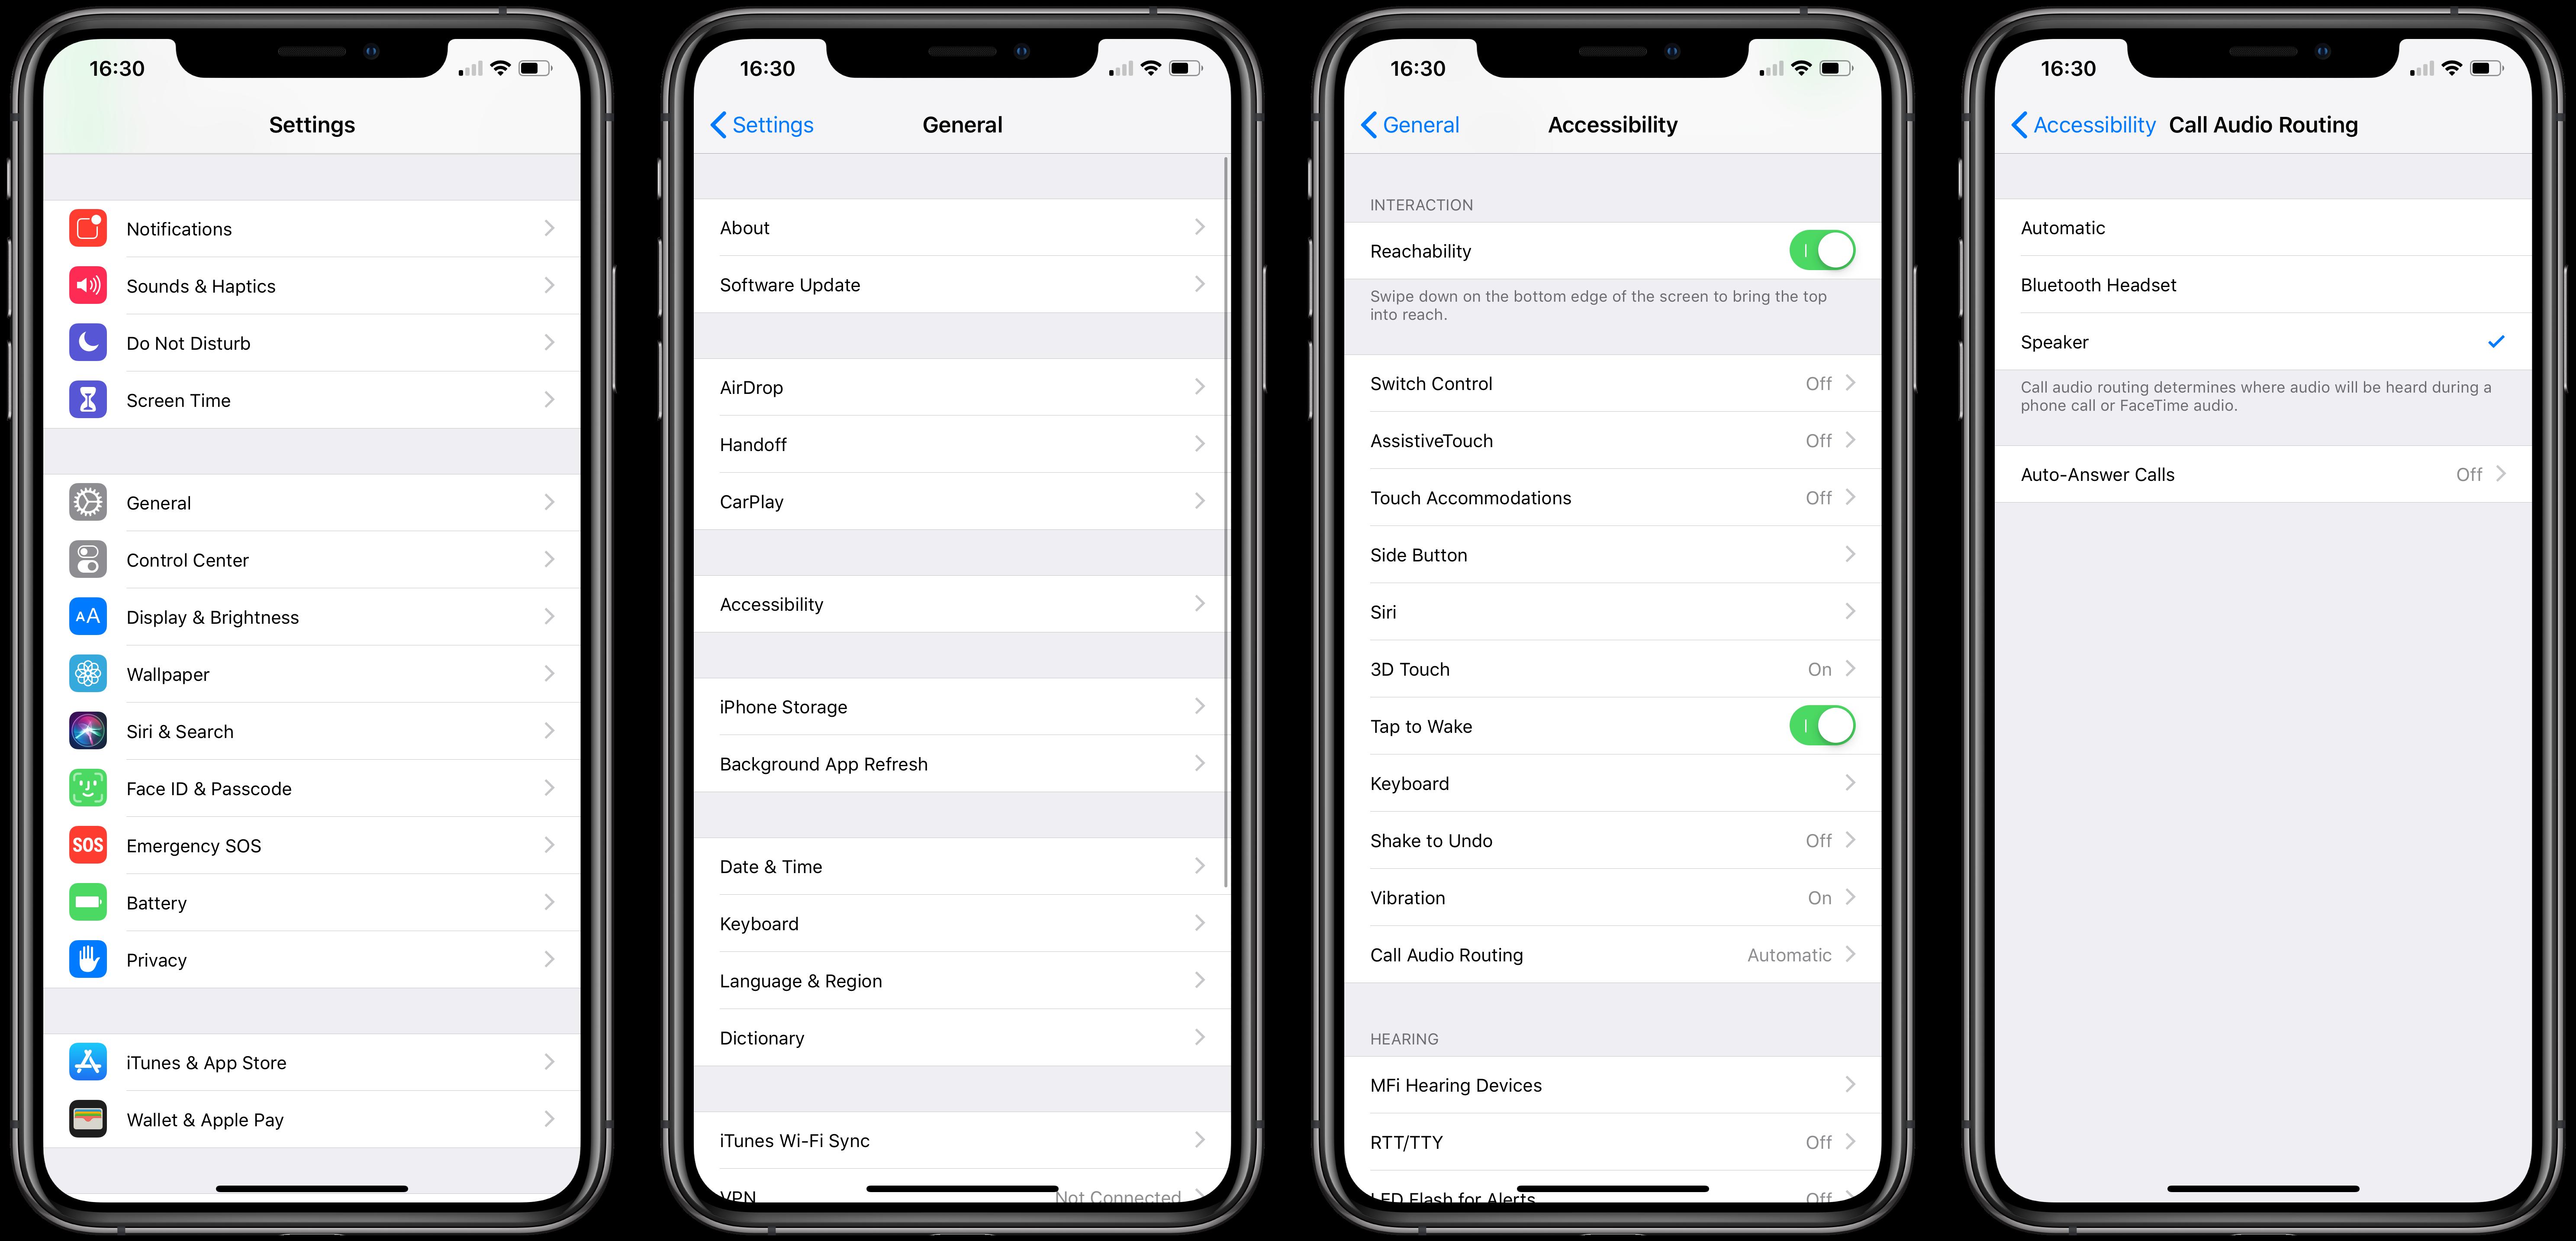 """<span href=""""https://9to5mac.com/2019/03/14/automatically-answer-speakerphone-iphone/"""">Cómo responder automáticamente a las llamadas en altavoz para iPhone</a>"""